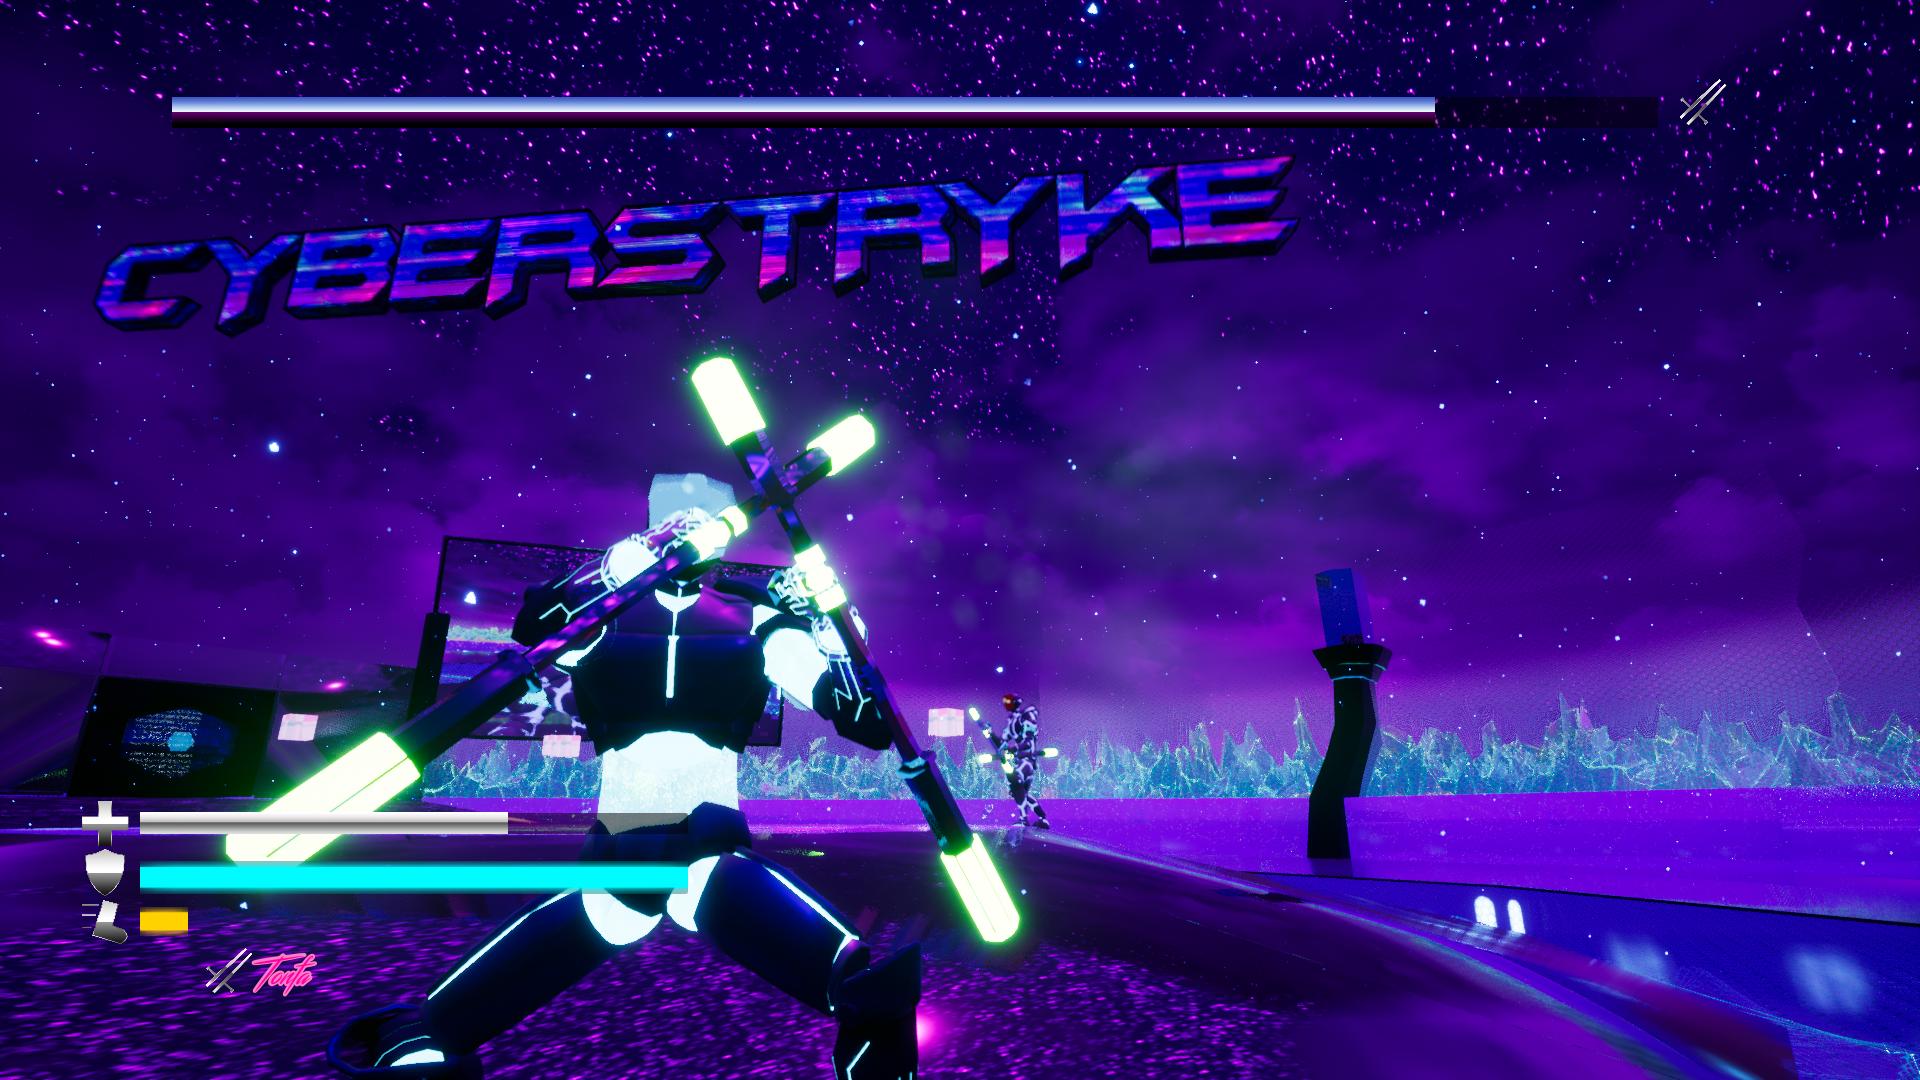 Cyberstryke01